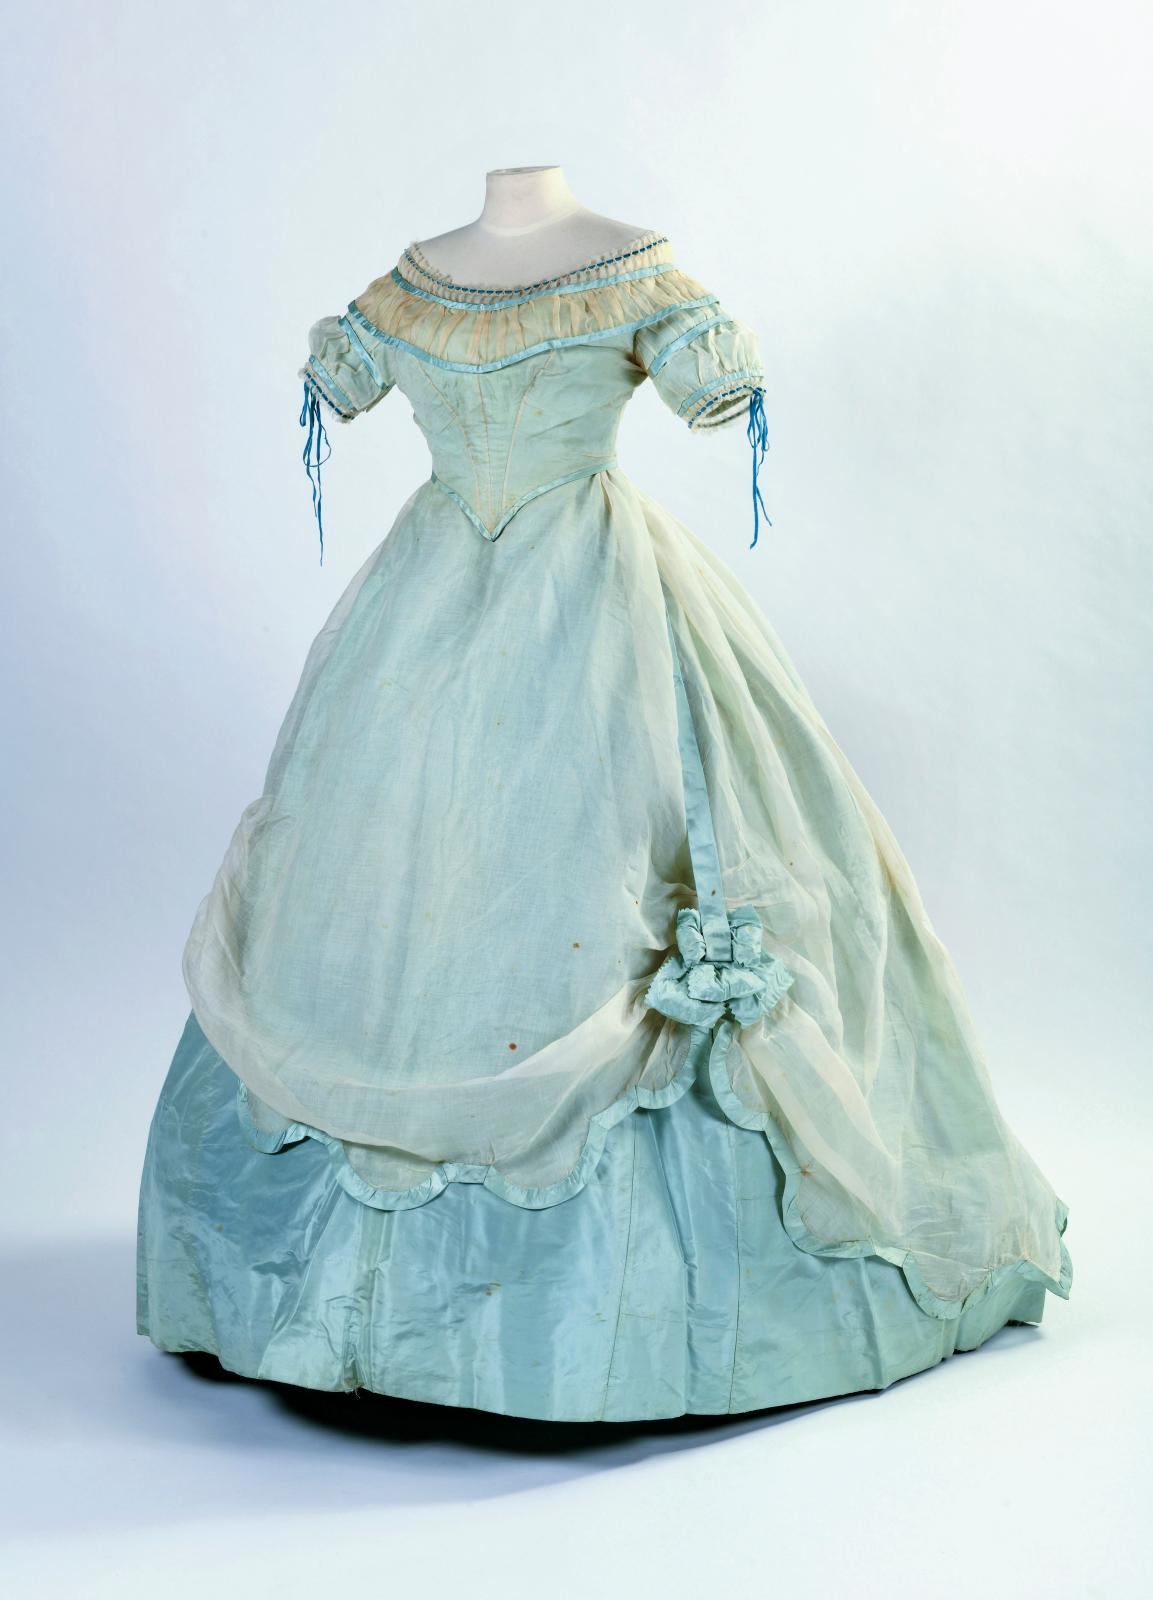 Robe de bal à crinoline projetée en taffetas bleu ciel et voile de coton crème, vers 1862-1865,en deux parties, à corsage pointu et grand